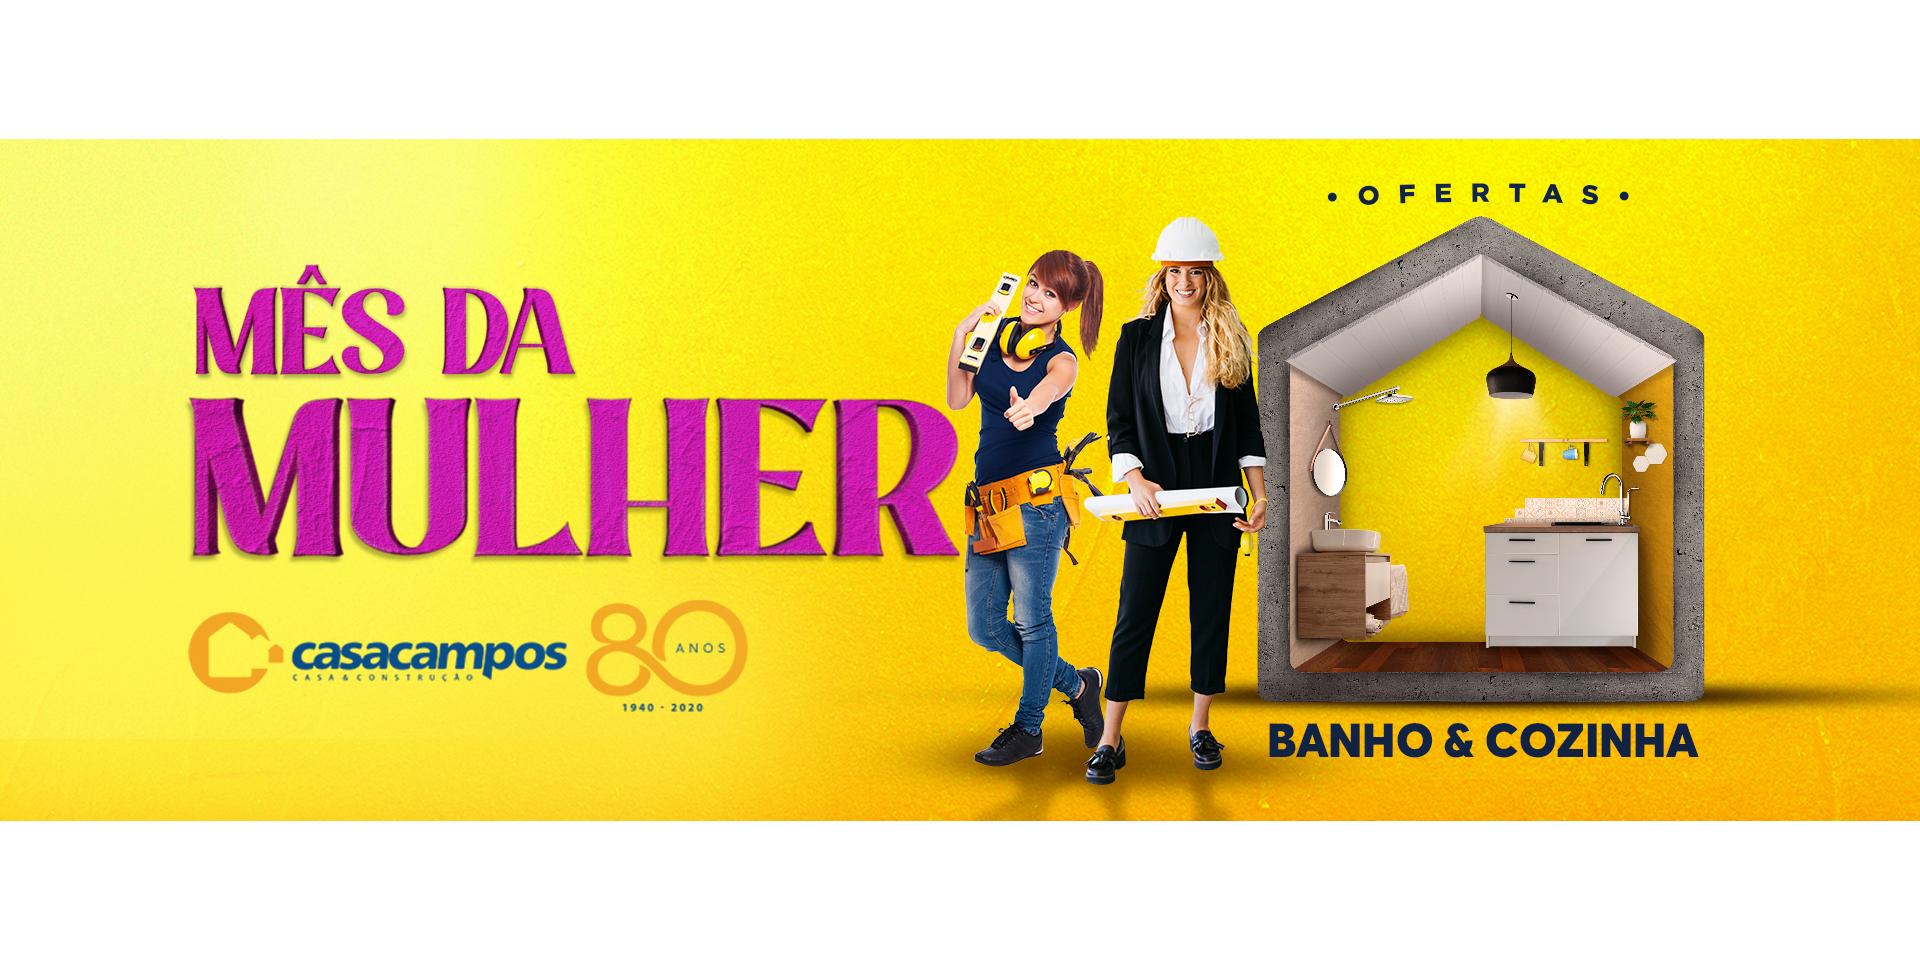 MÊS DA MULHER COM OFERTAS DE BANHO E COZINHA É NA CASA CAMPOS!